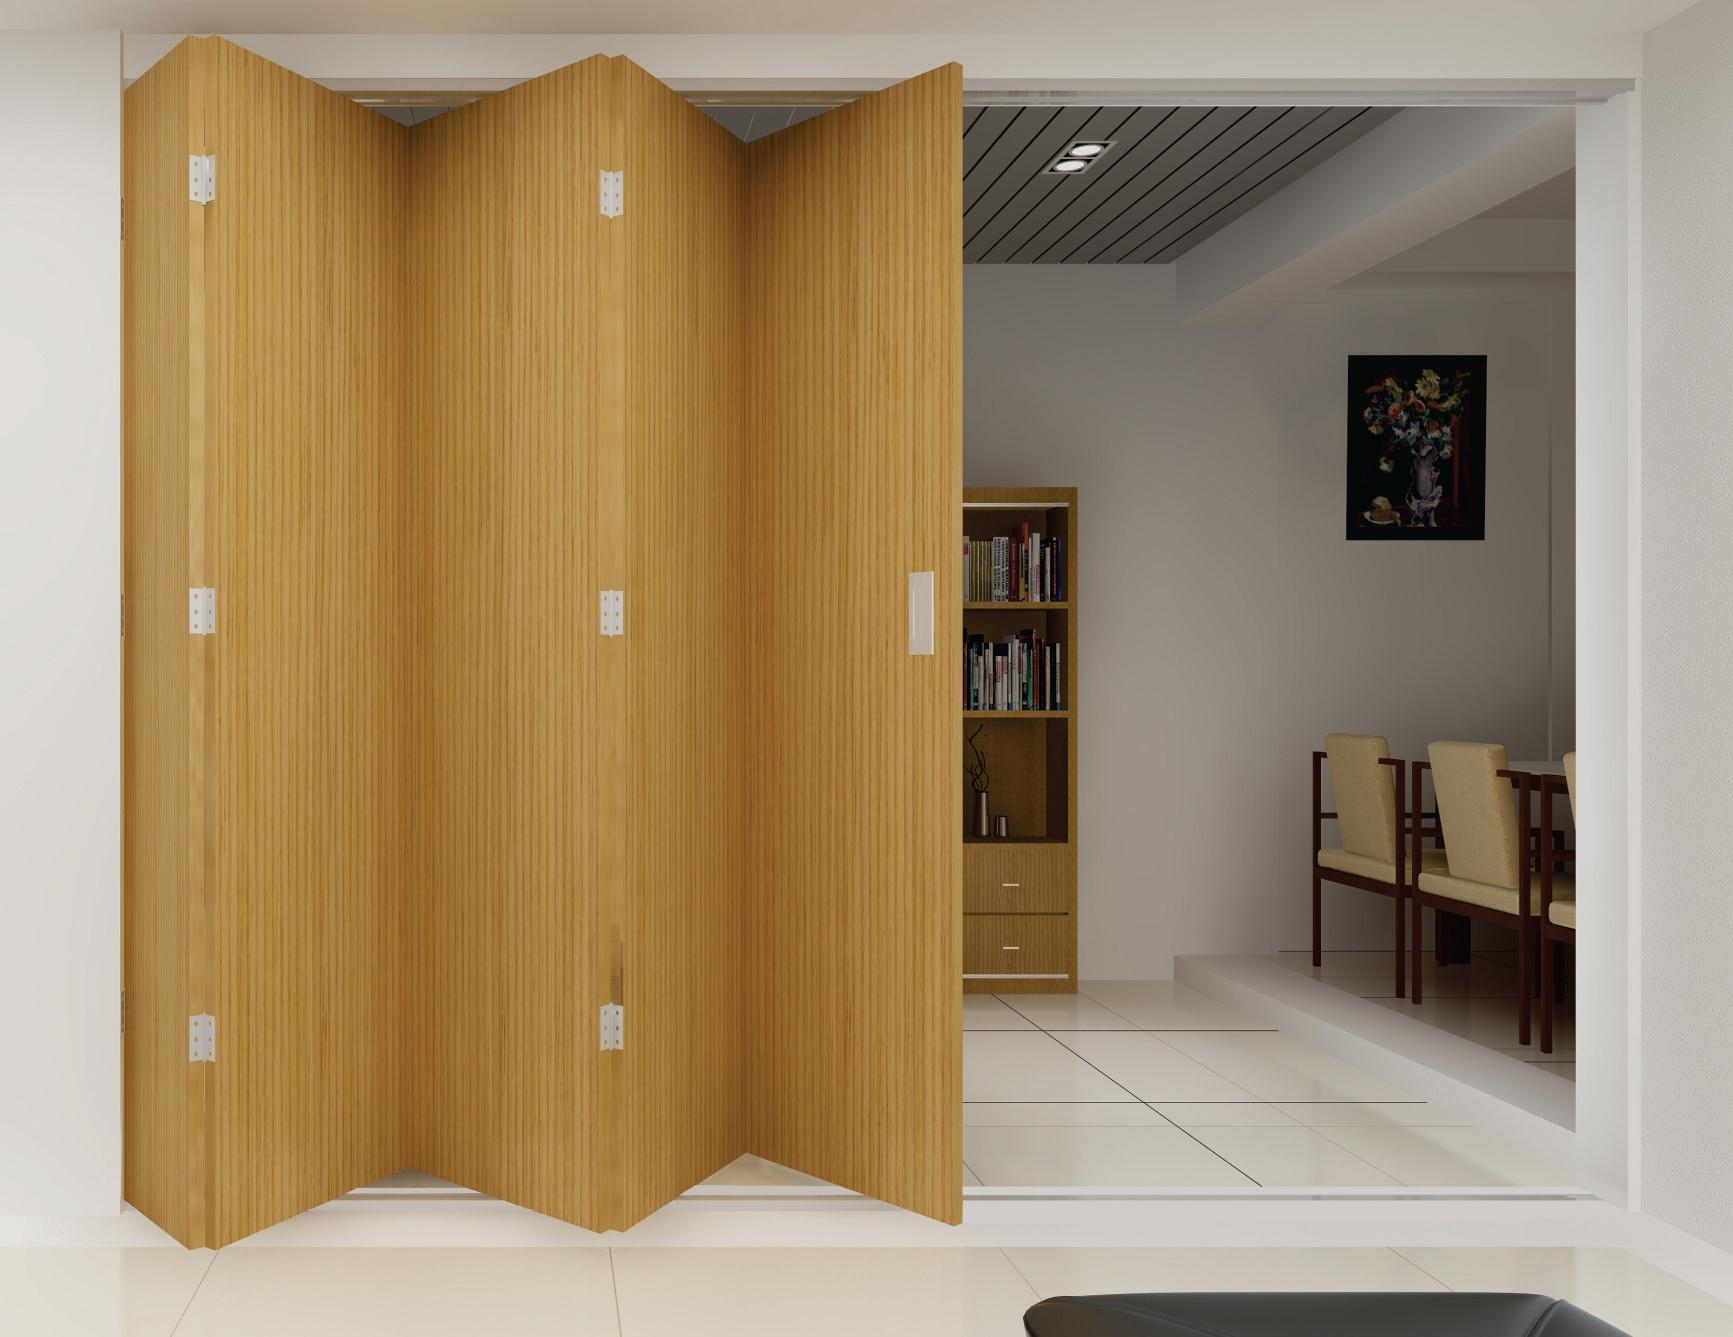 hafele xl slide pocket door system sliding doors. Black Bedroom Furniture Sets. Home Design Ideas